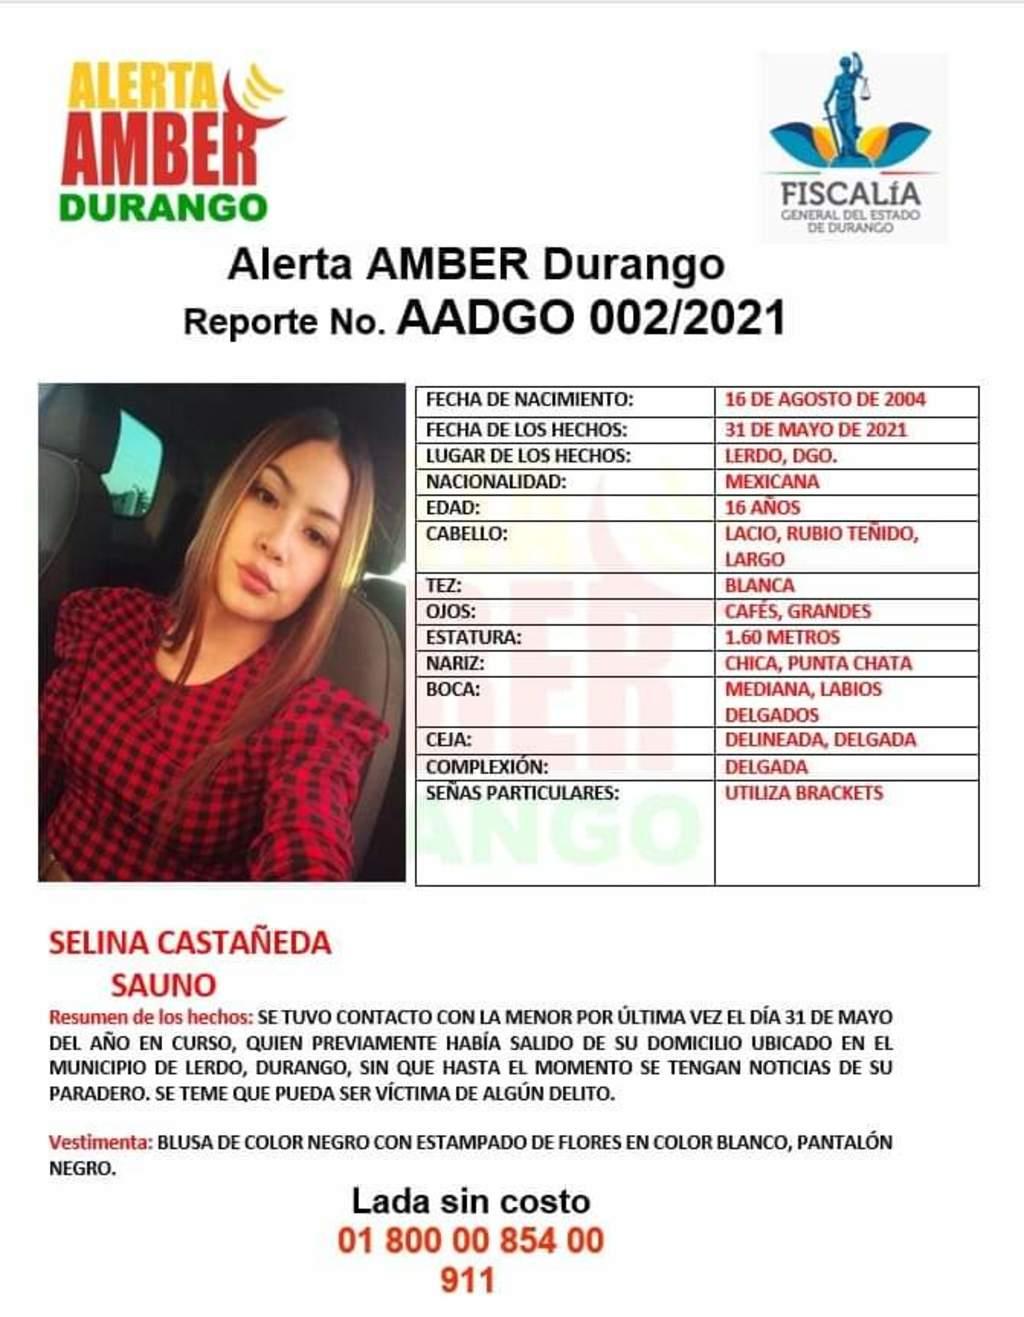 Solicitan ayuda para localizar a menor de edad desaparecida en Gómez Palacio